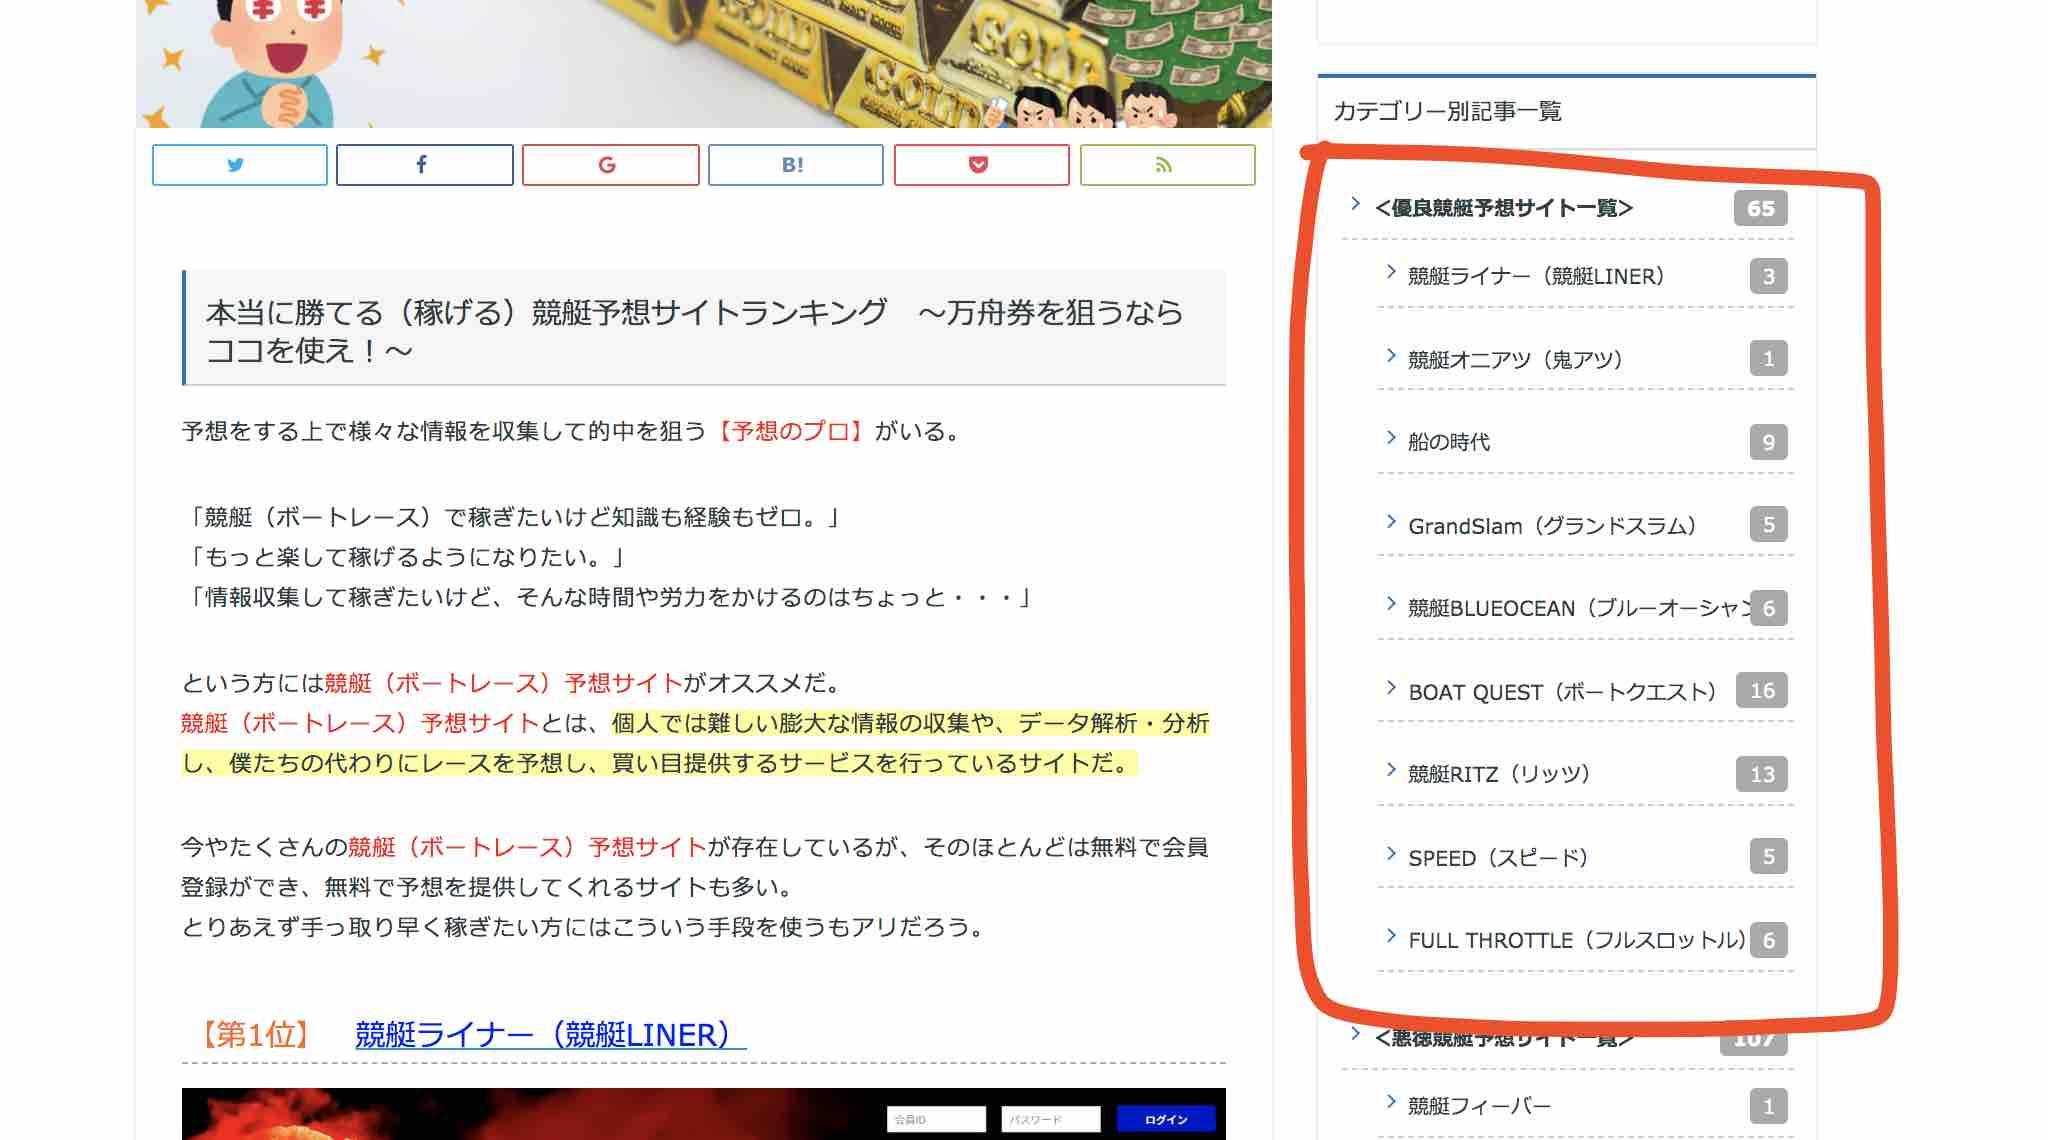 競艇鬼アツ(競艇オニアツ)という競艇予想サイトを推すブログ2段目の推奨サイト